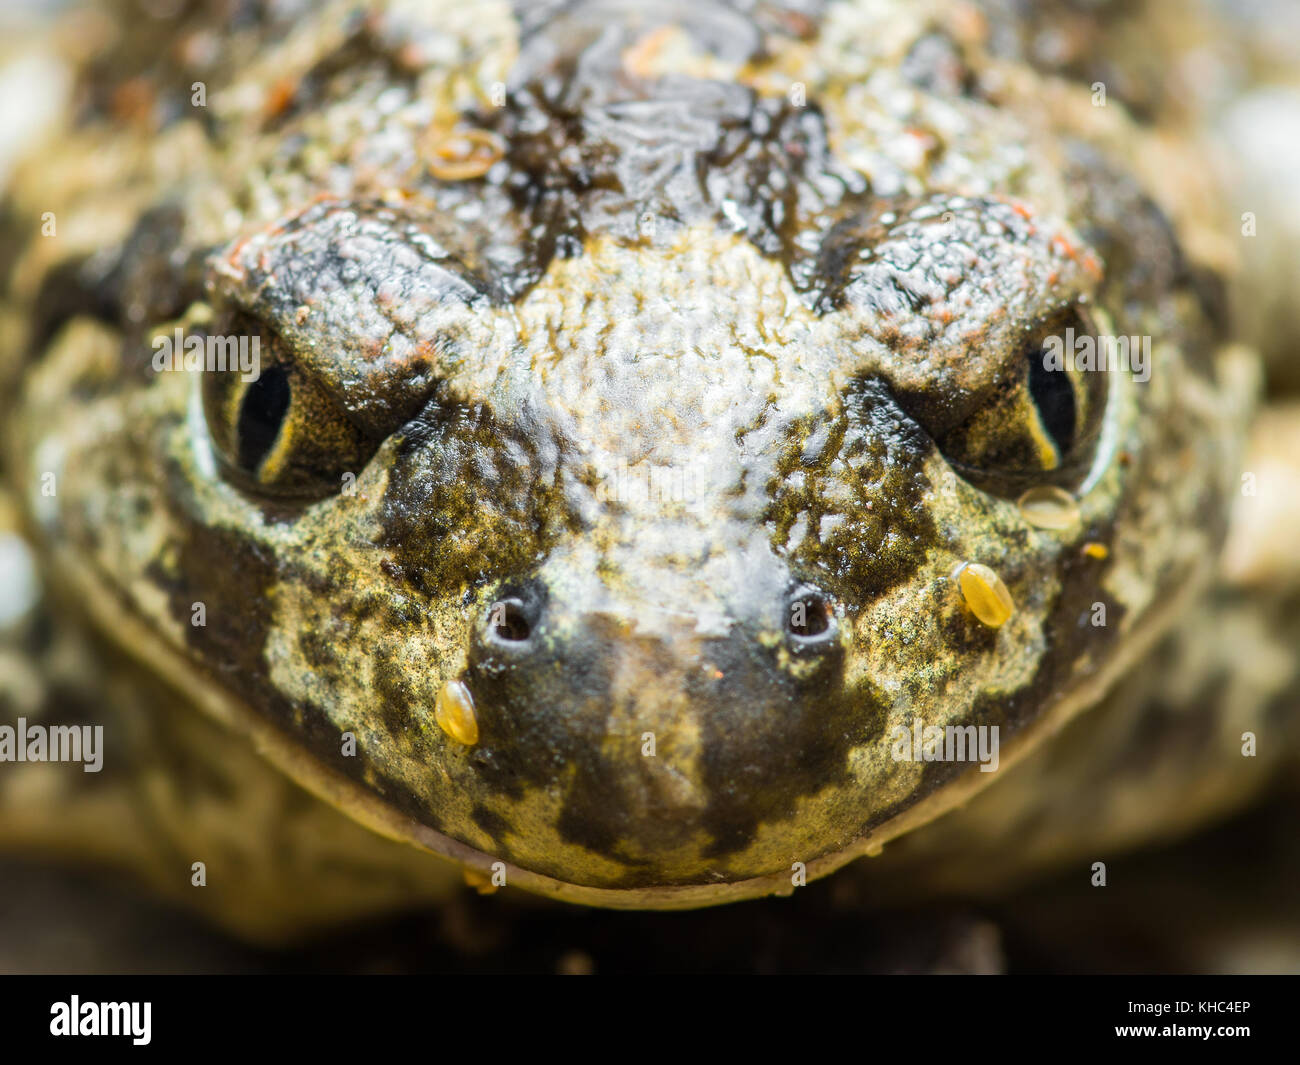 Wütende Frosch reptile Portrait Stockbild